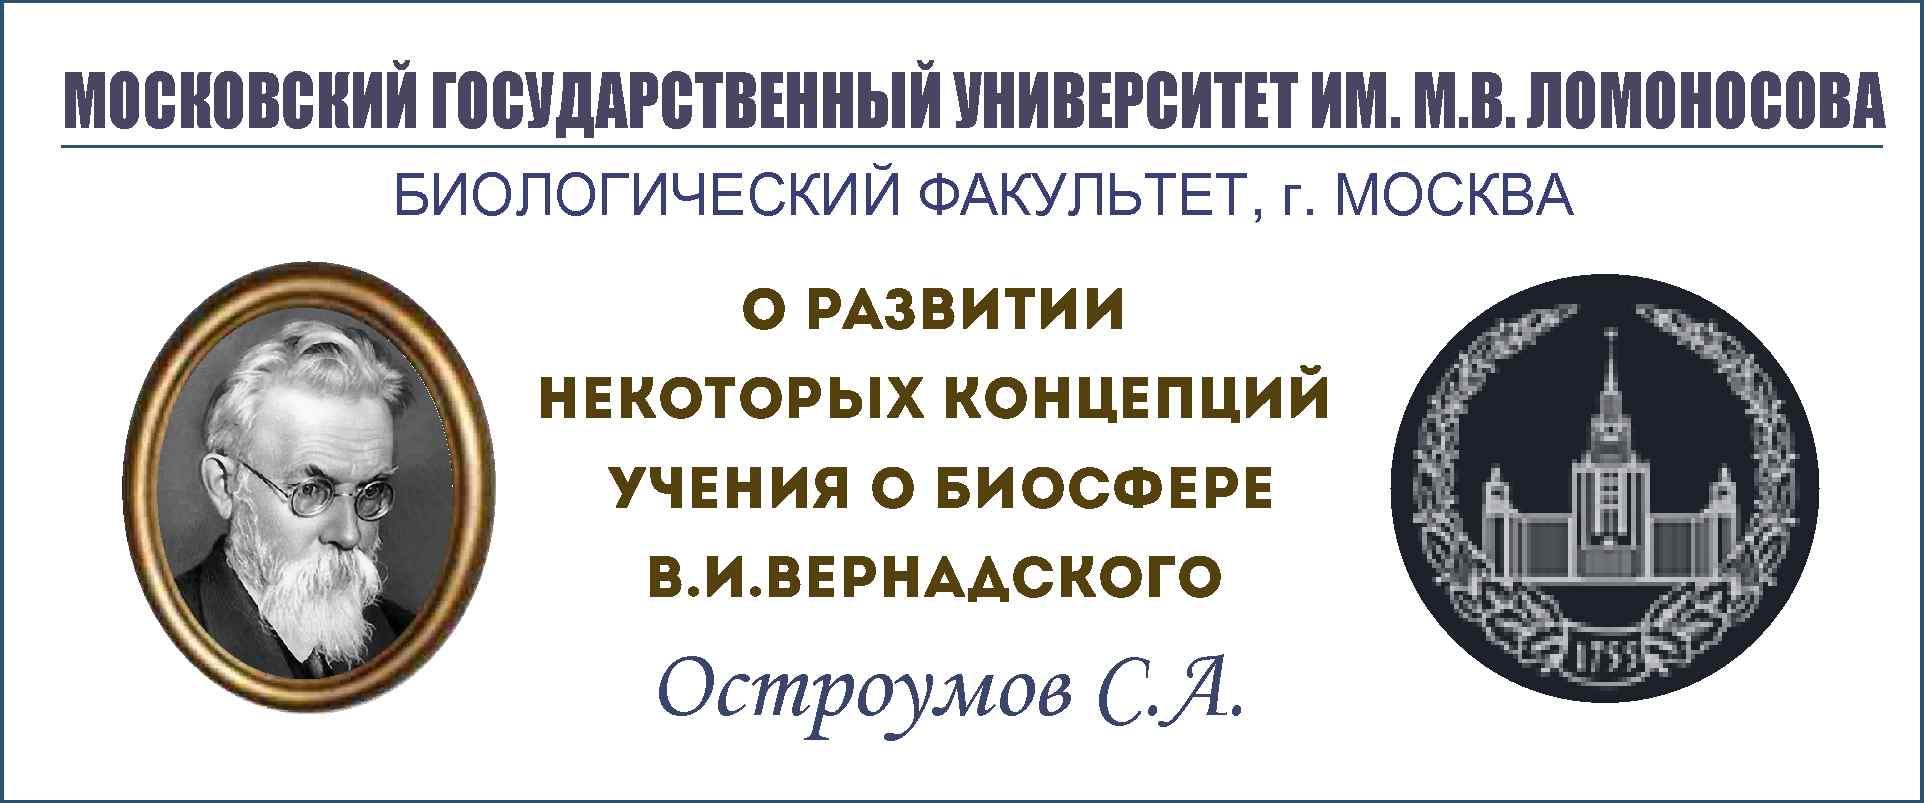 О развитии некоторых концепций учения о биосфере В.И.Вернадского